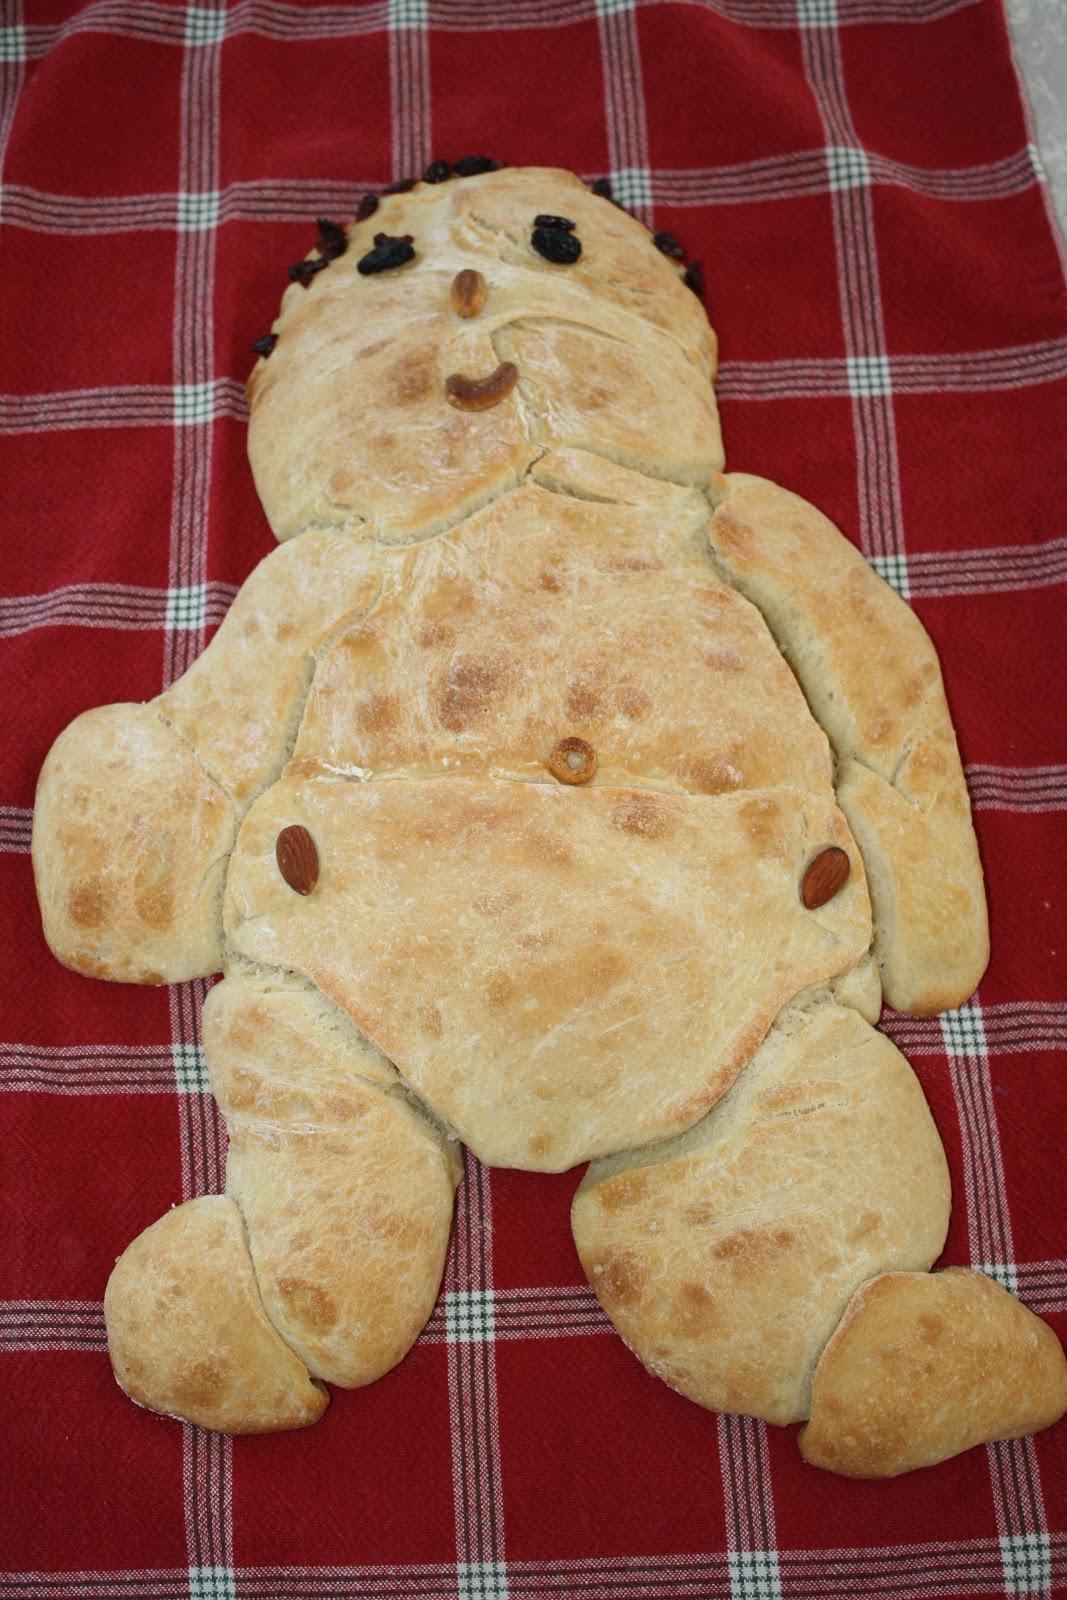 Little Bit Psycho: Ugly Baby Bread